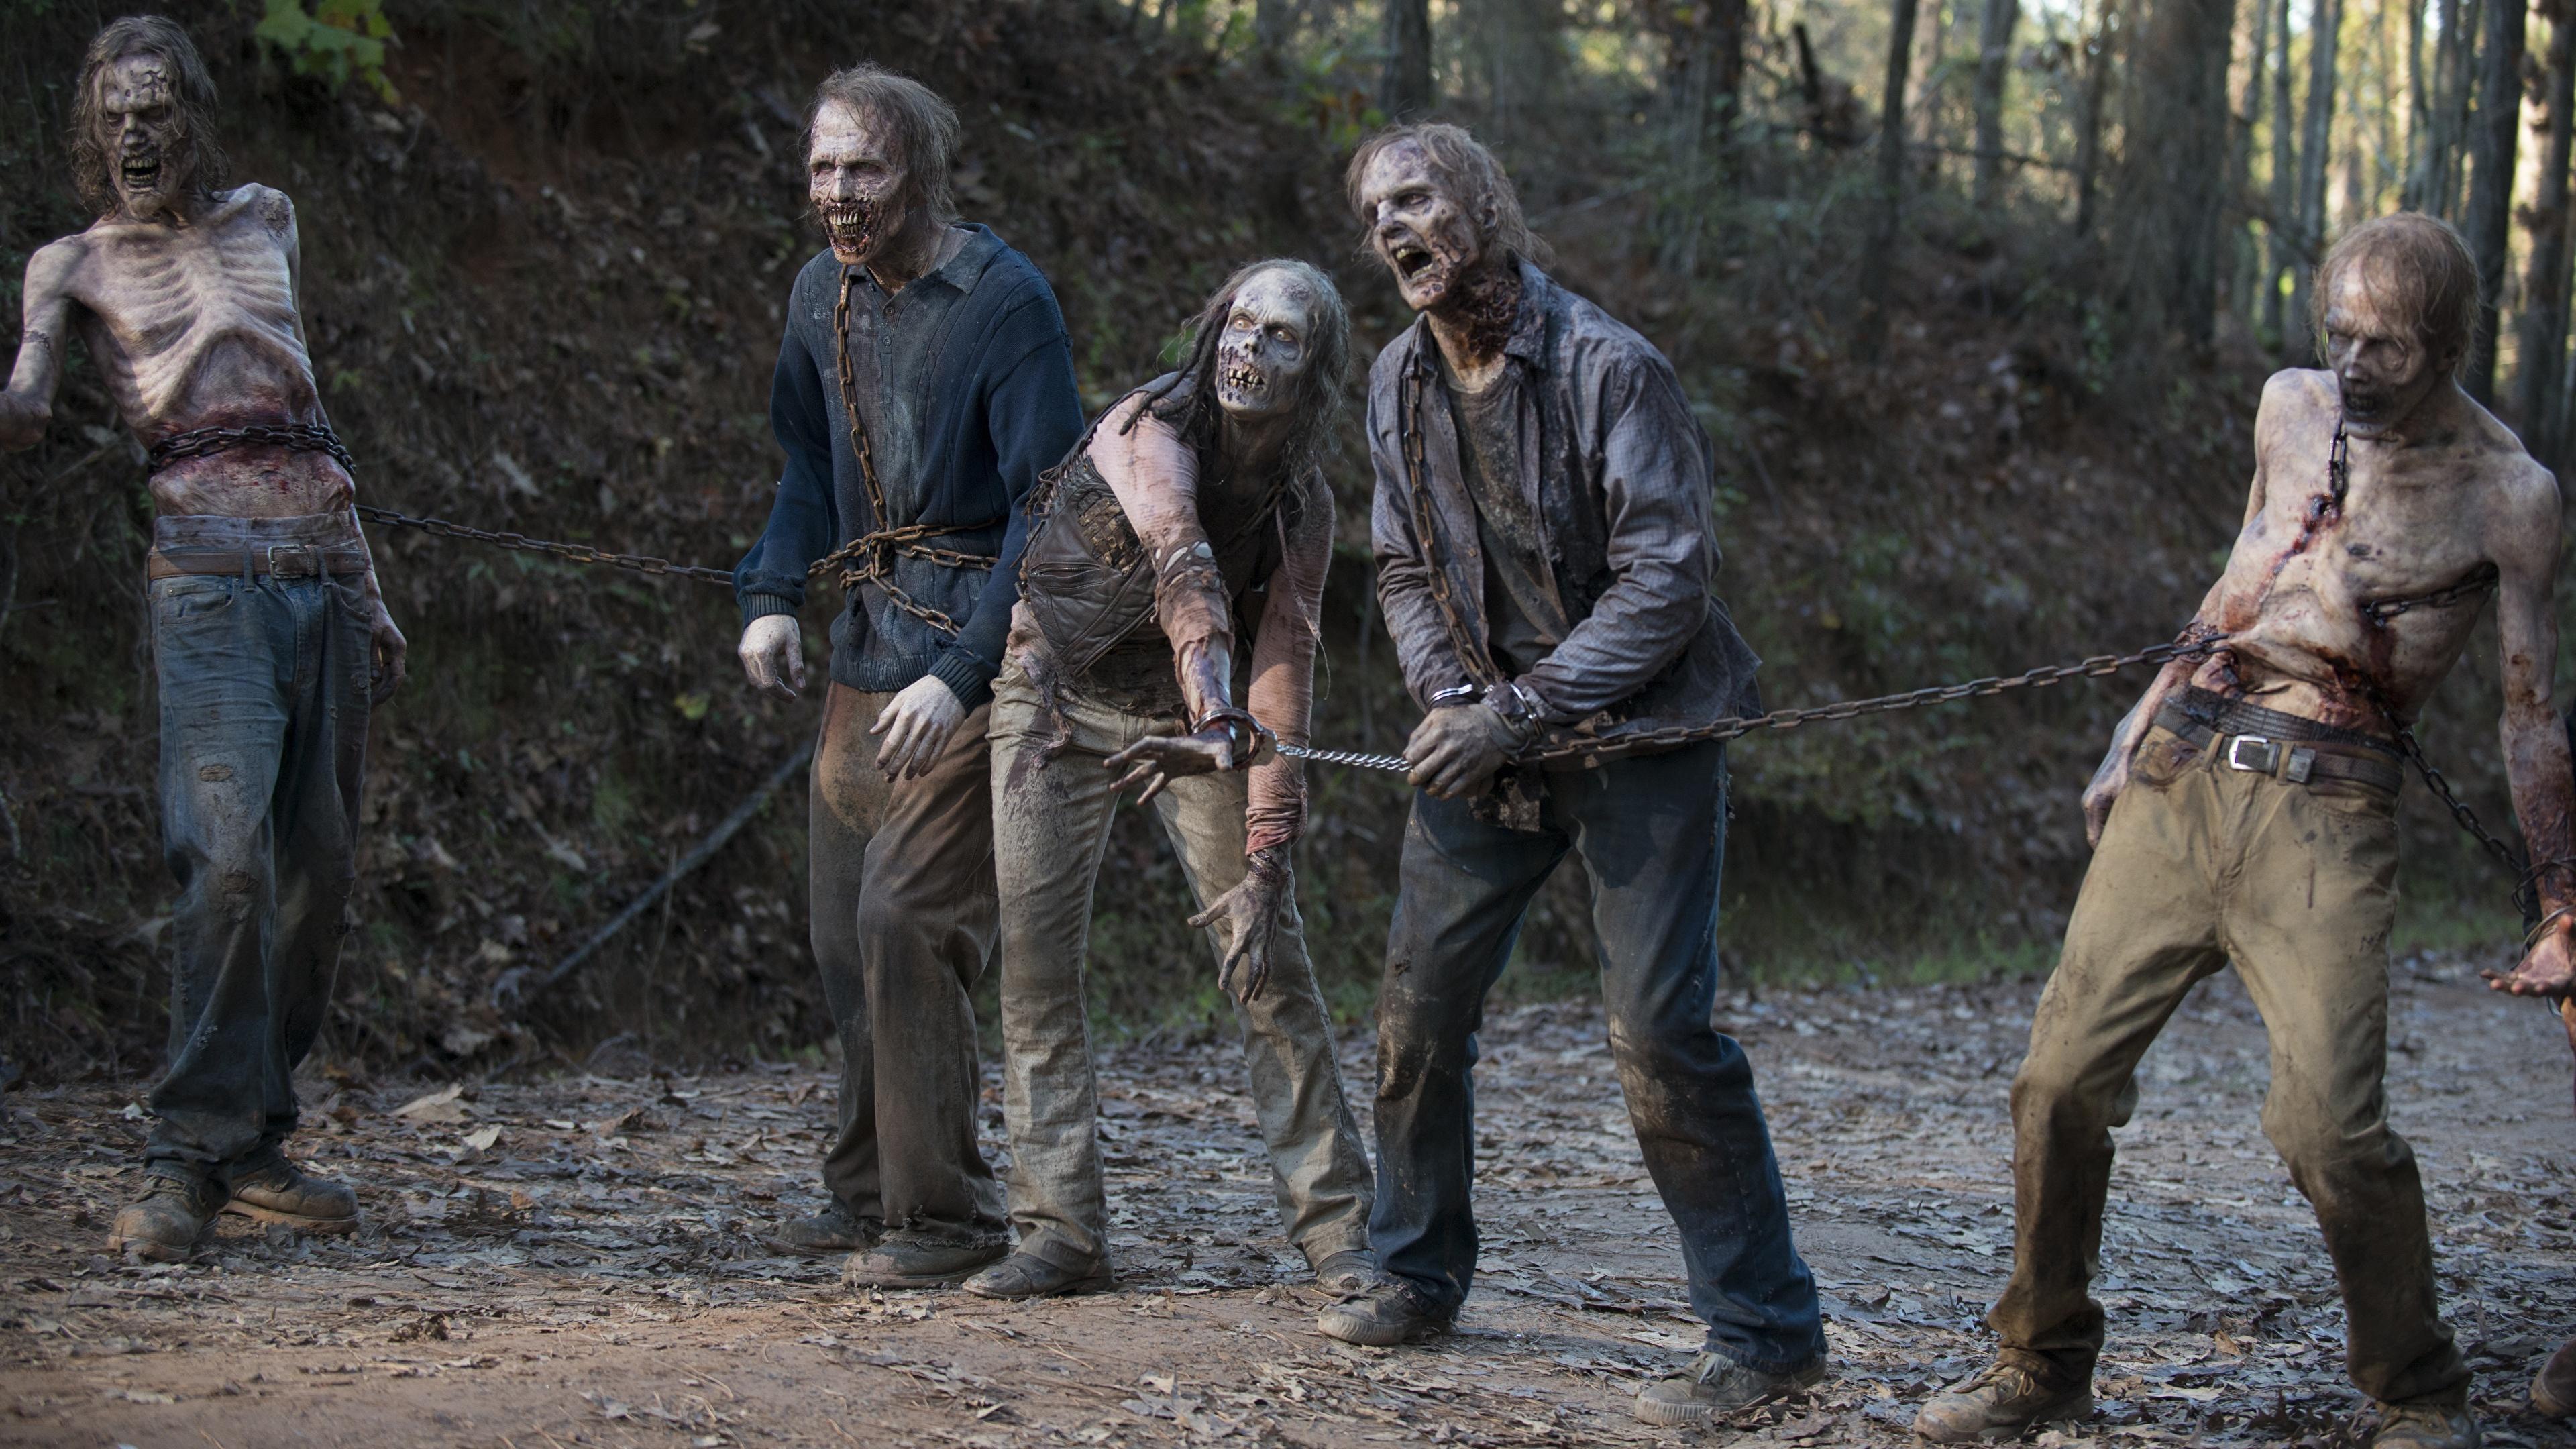 Wallpaper The Walking Dead Tv Zombie Season 6 Film Chain 3840x2160